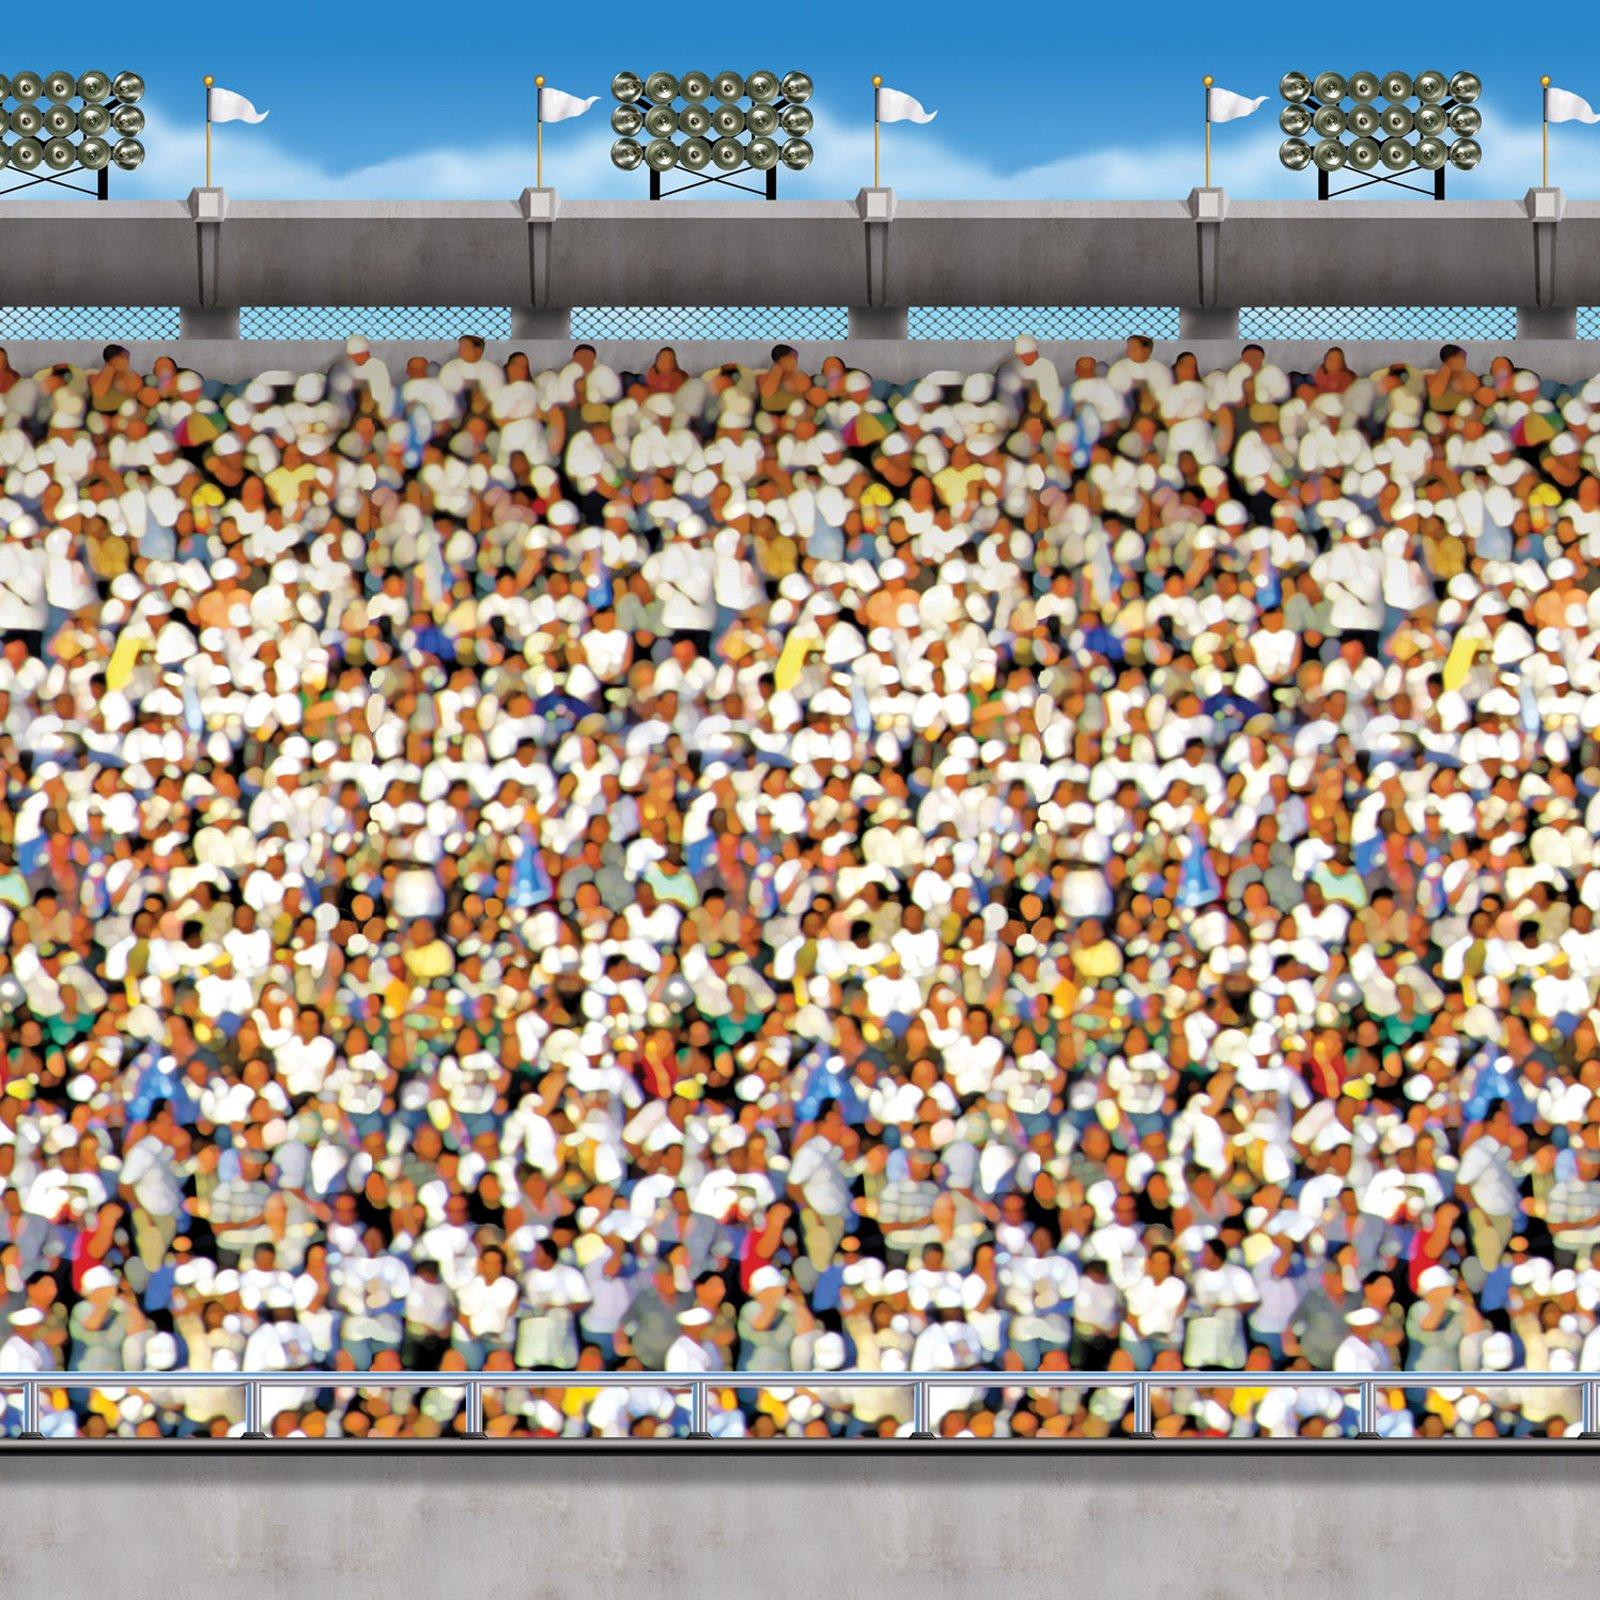 Stadium Crowd Clipart.